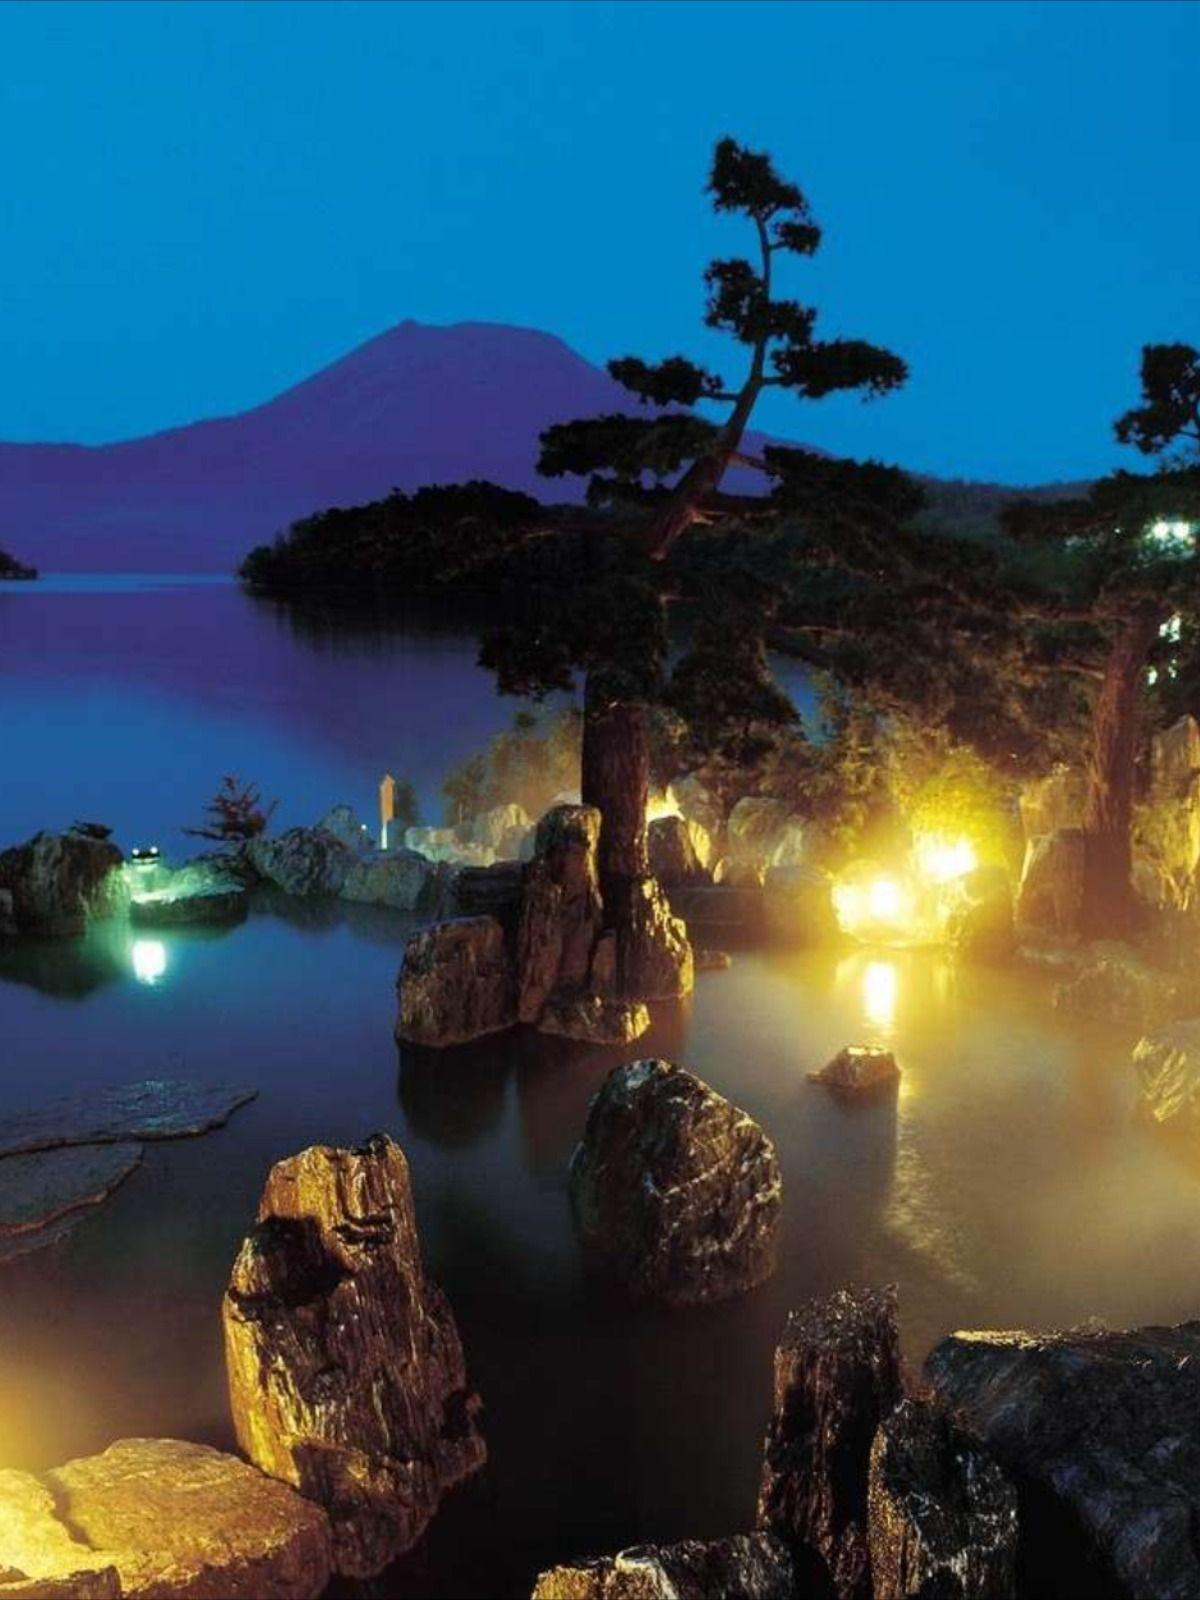 楽天トラベル あかん遊久の里鶴雅 宿泊予約 温泉 女満別 風景